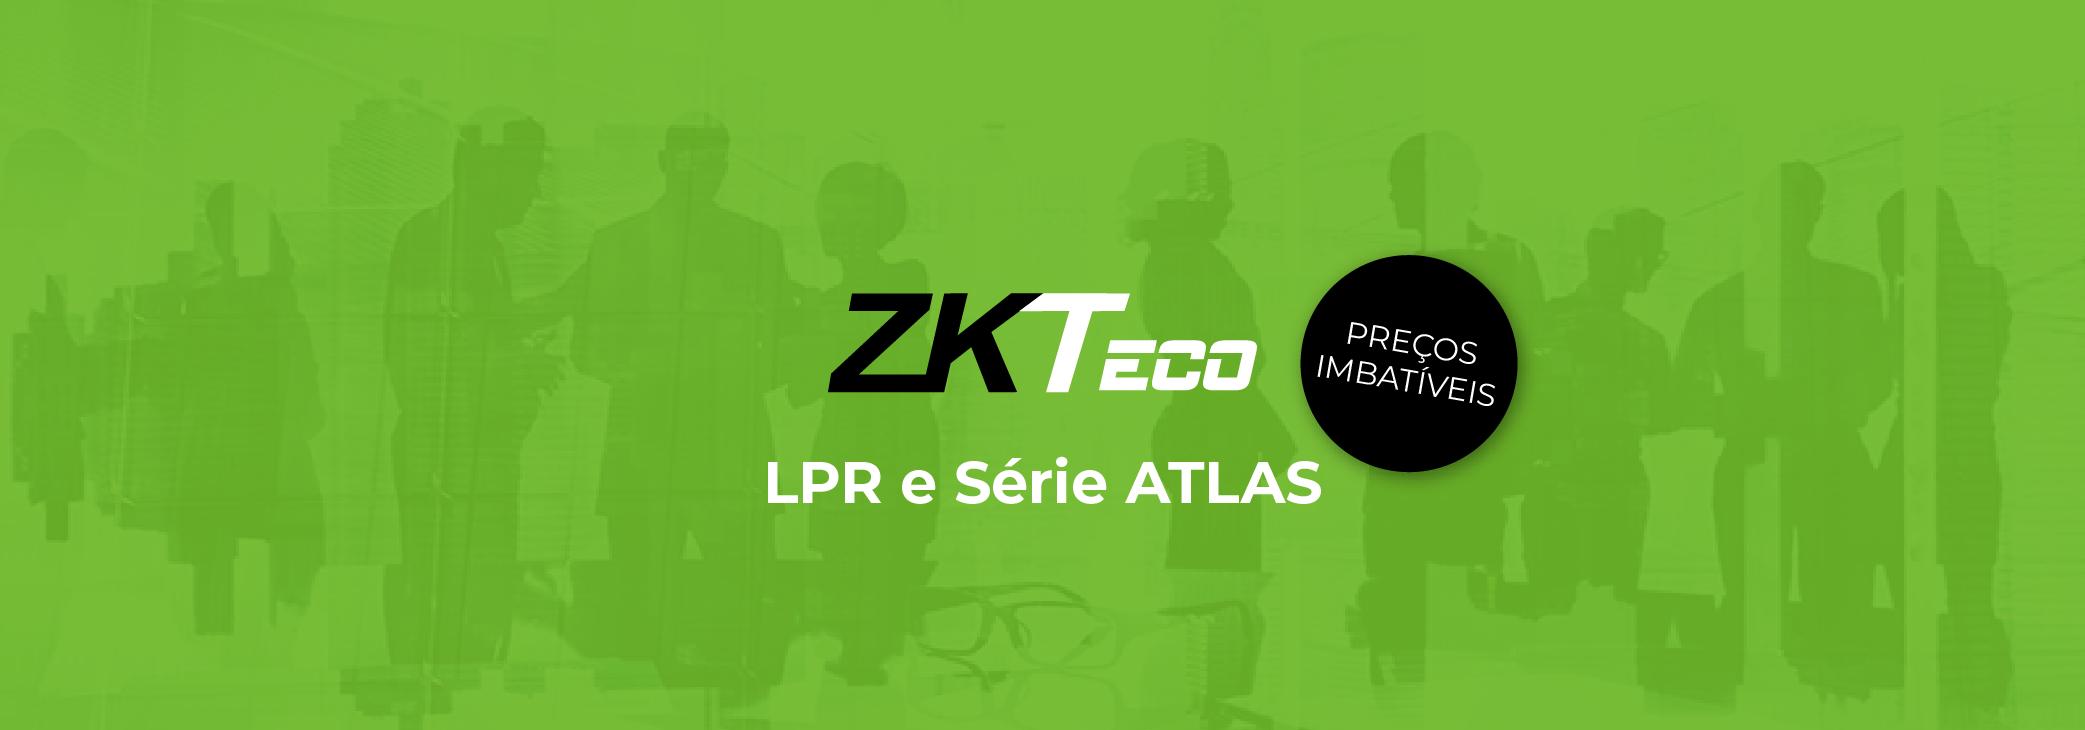 ZKTeco | LPR e Série Atlas - Preços imbatíveis